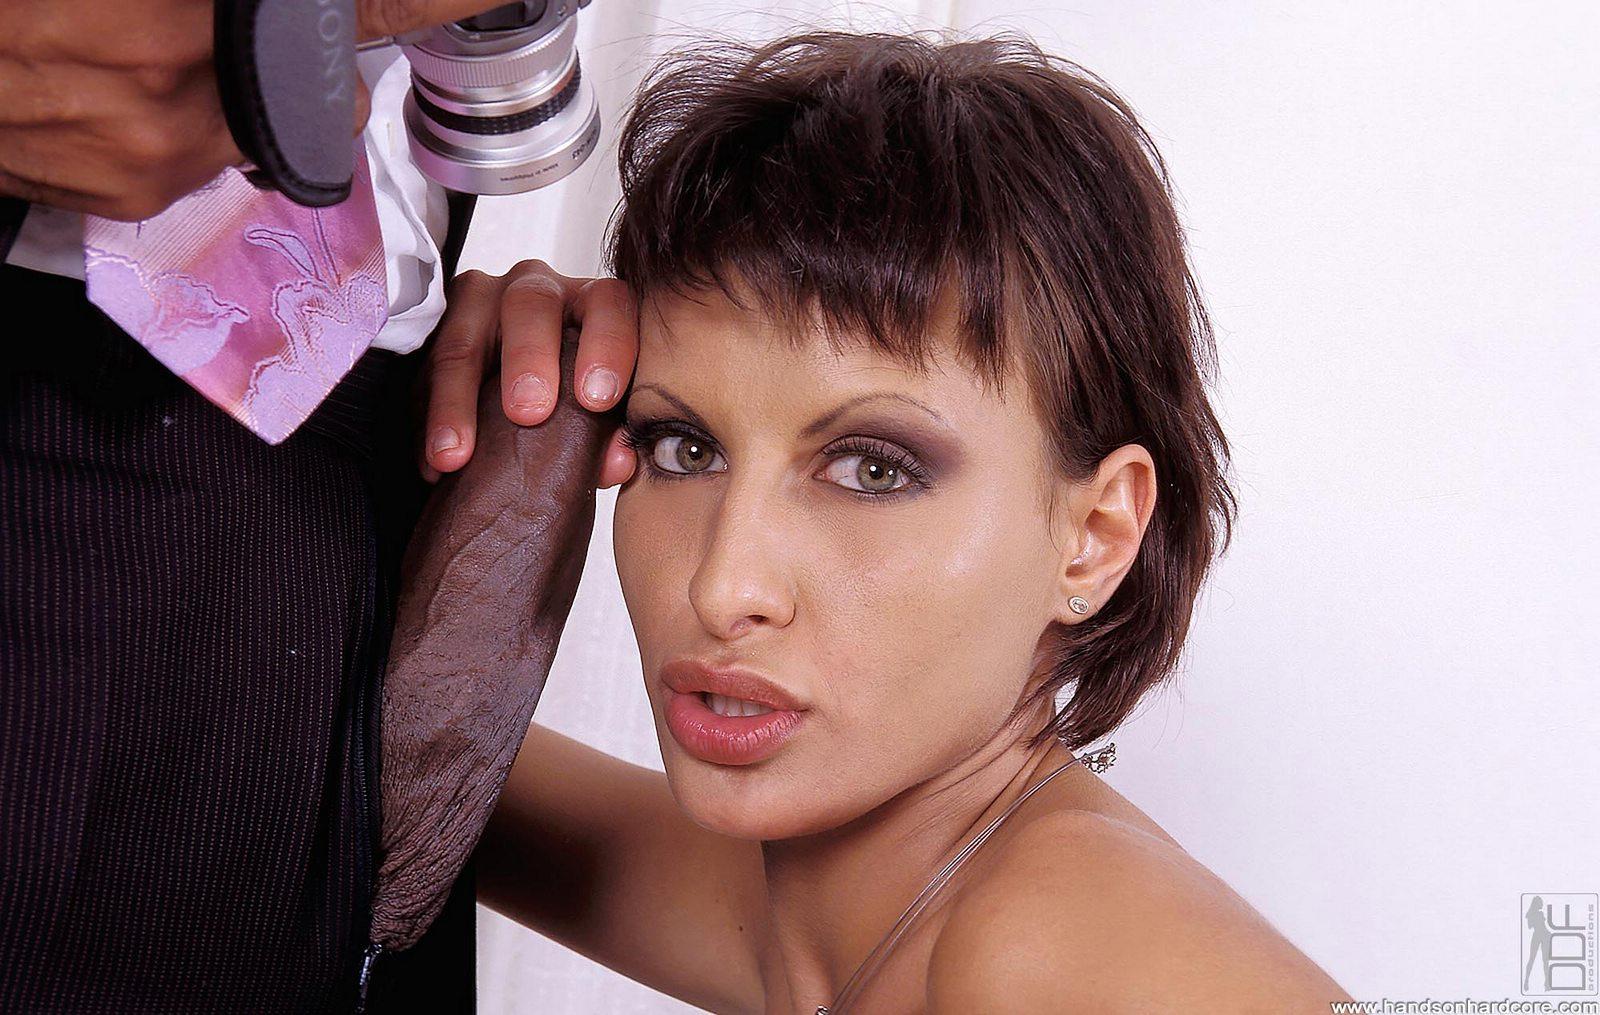 Durham erotic massage ontare